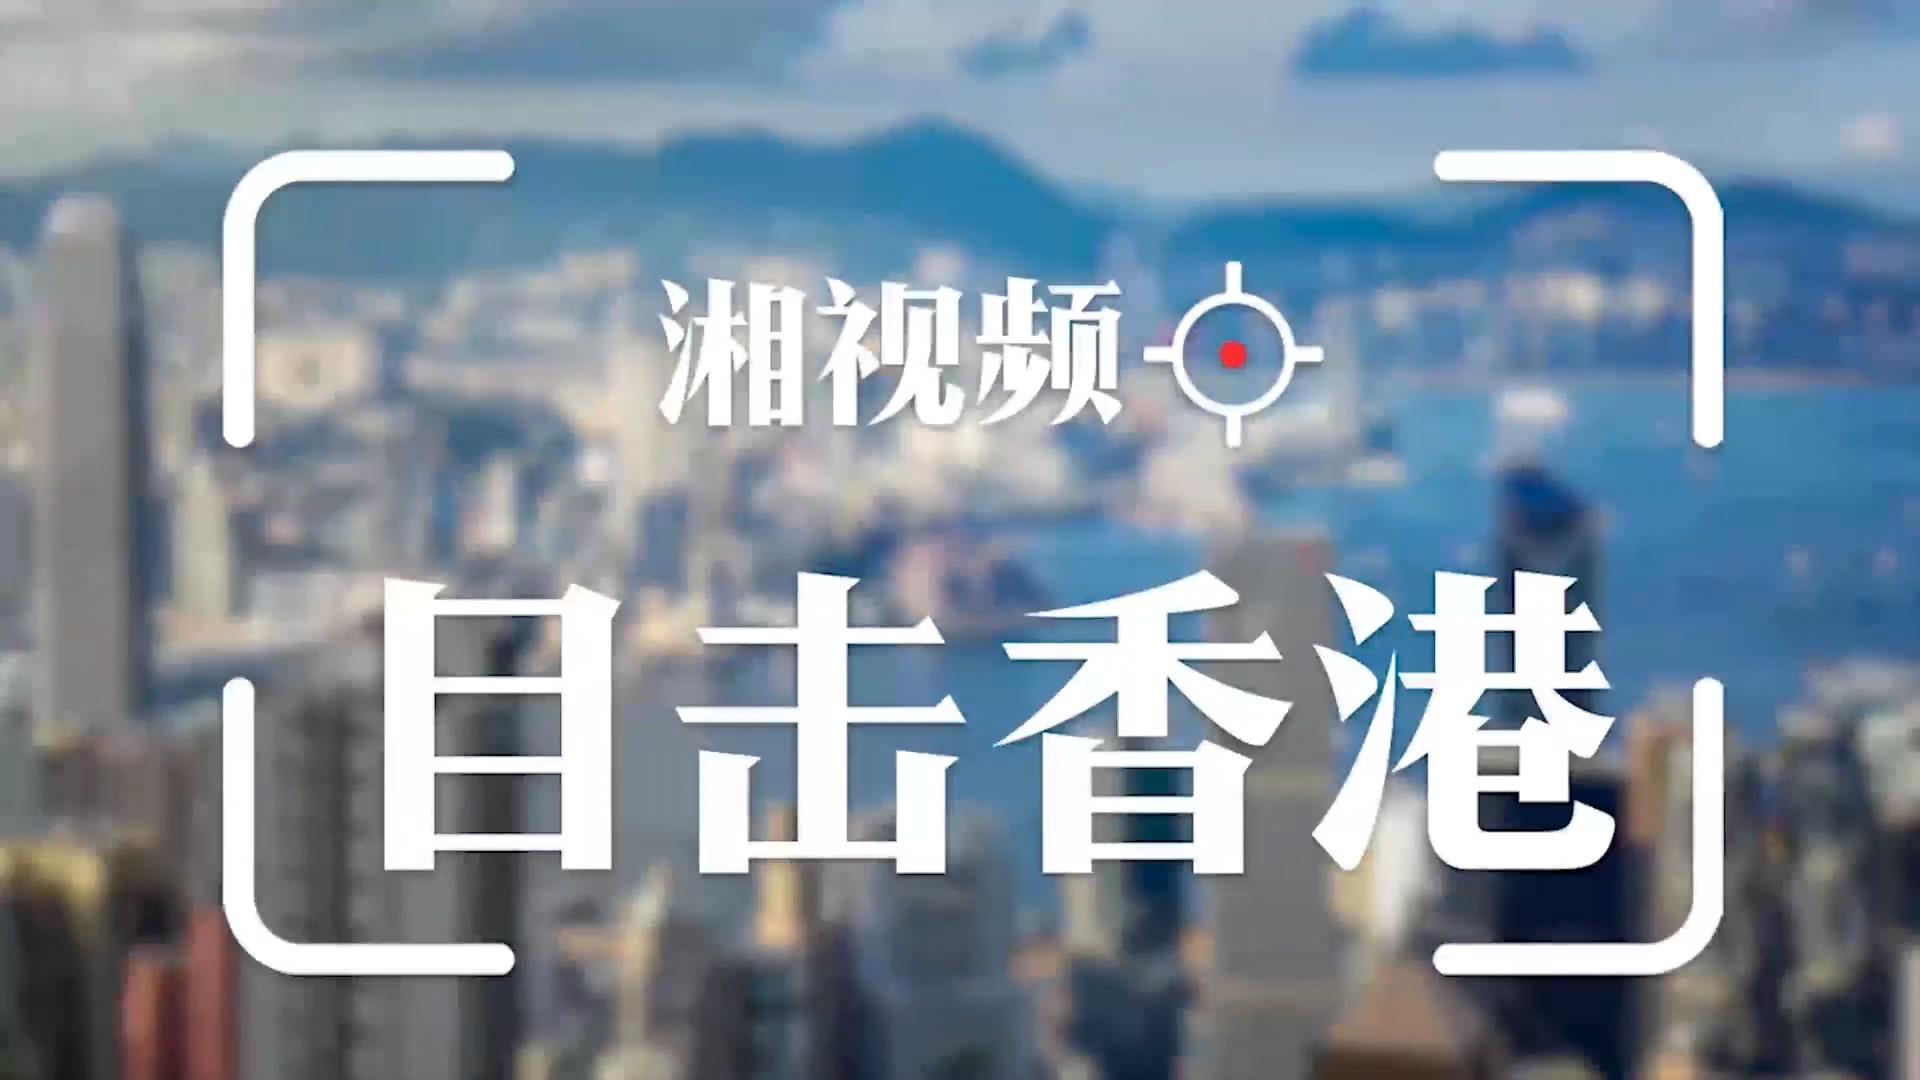 湘视频·目击香港丨美干涉香港事务 市民请愿:限制美乱港官员入境